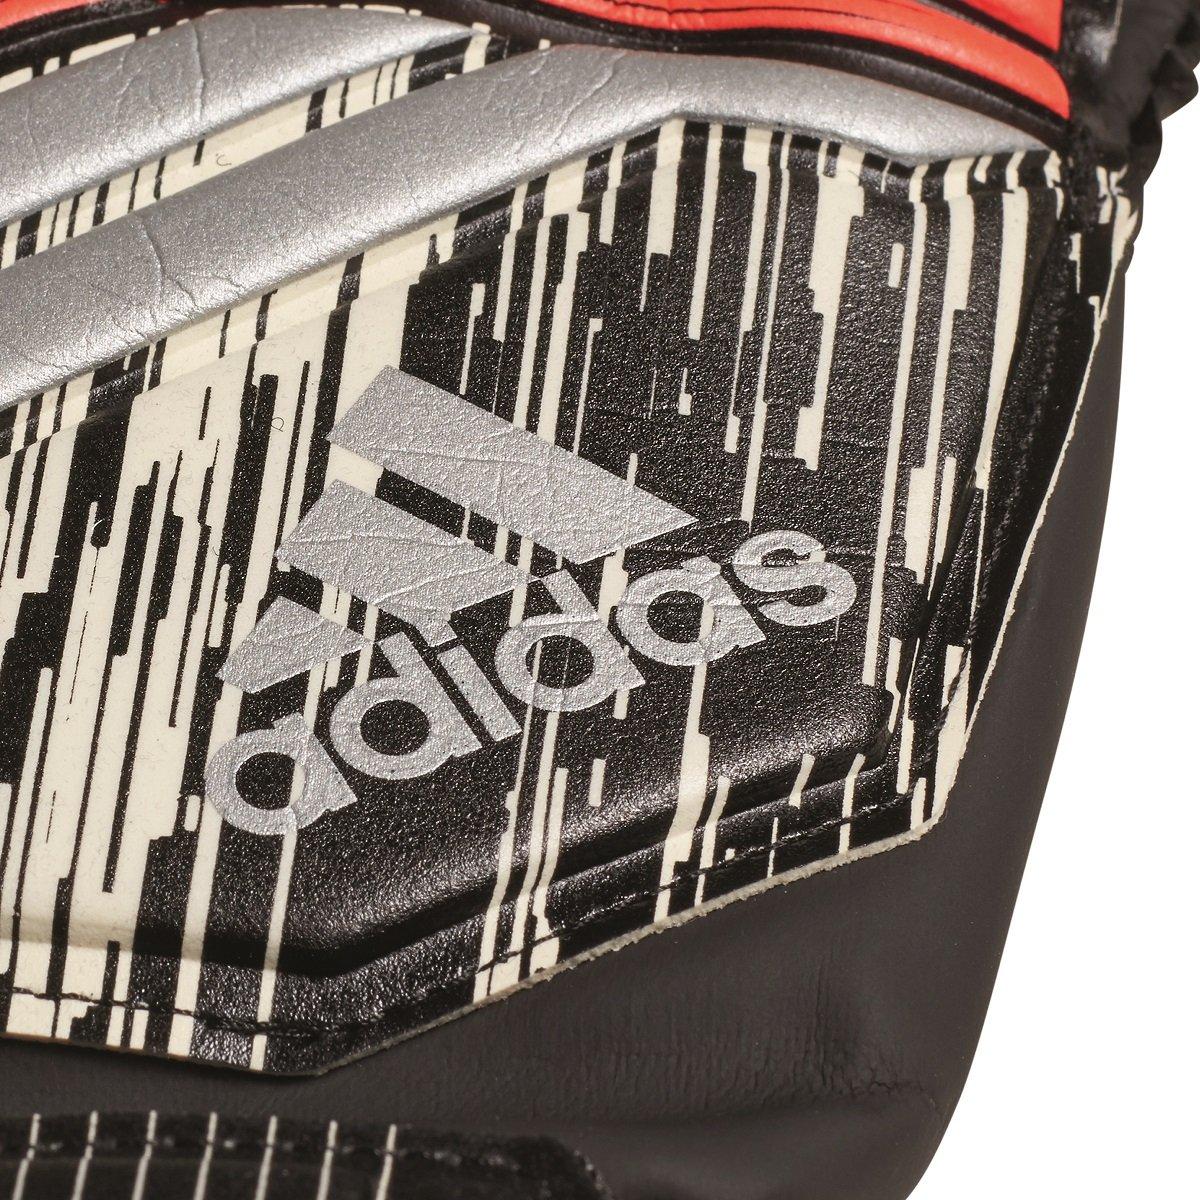 Adidas Predator Guanti Da Portiere Amazon 00hHE